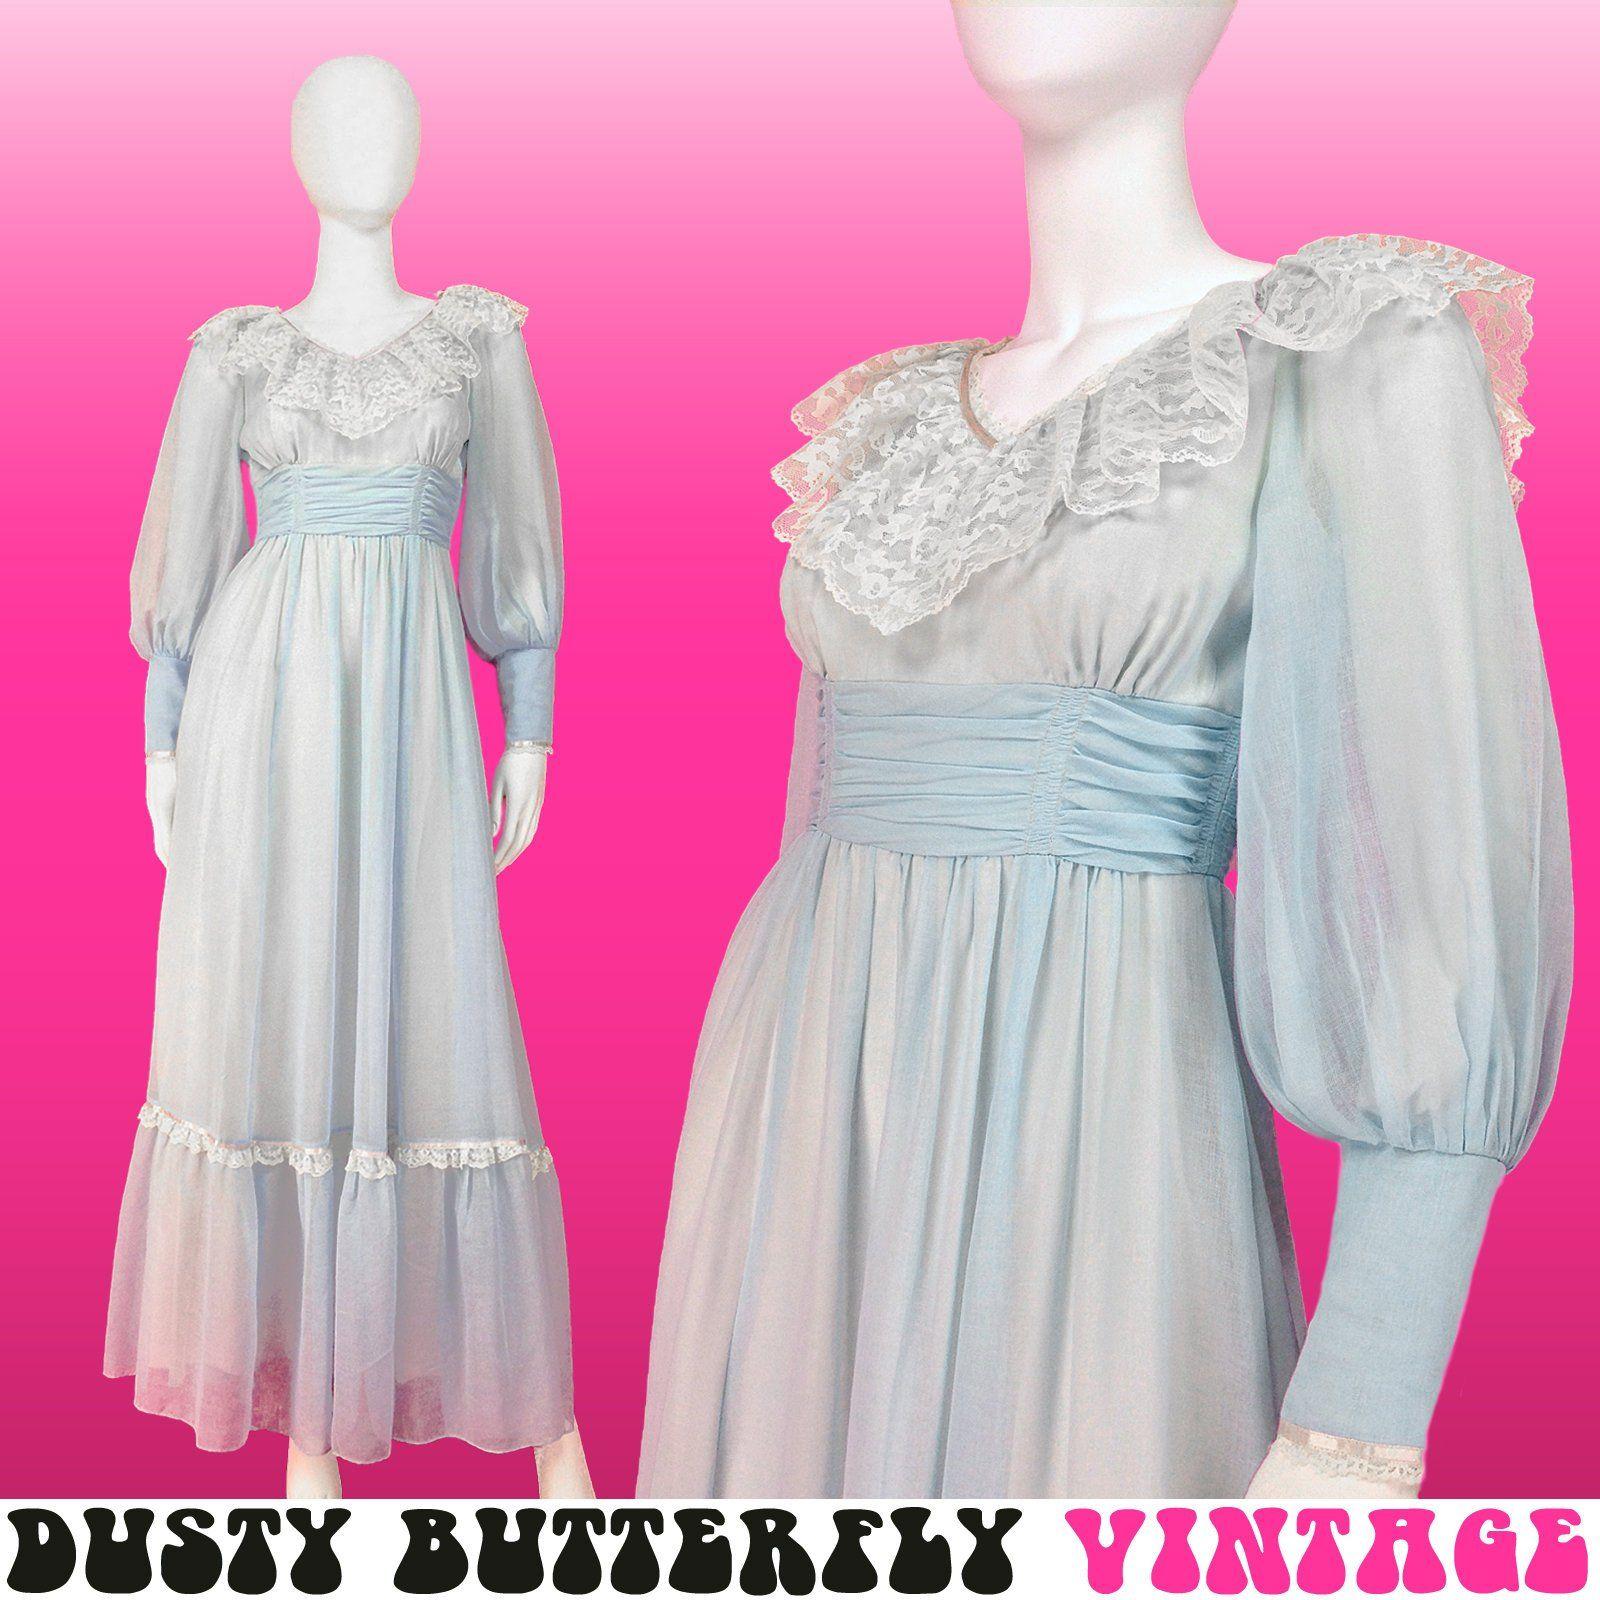 Xxs Xs Vintage Long Prom Dress 70s Maxi Pastel Aesthetic Etsy Prom Dresses Vintage Long Prom Dress Prom Dresses 70s